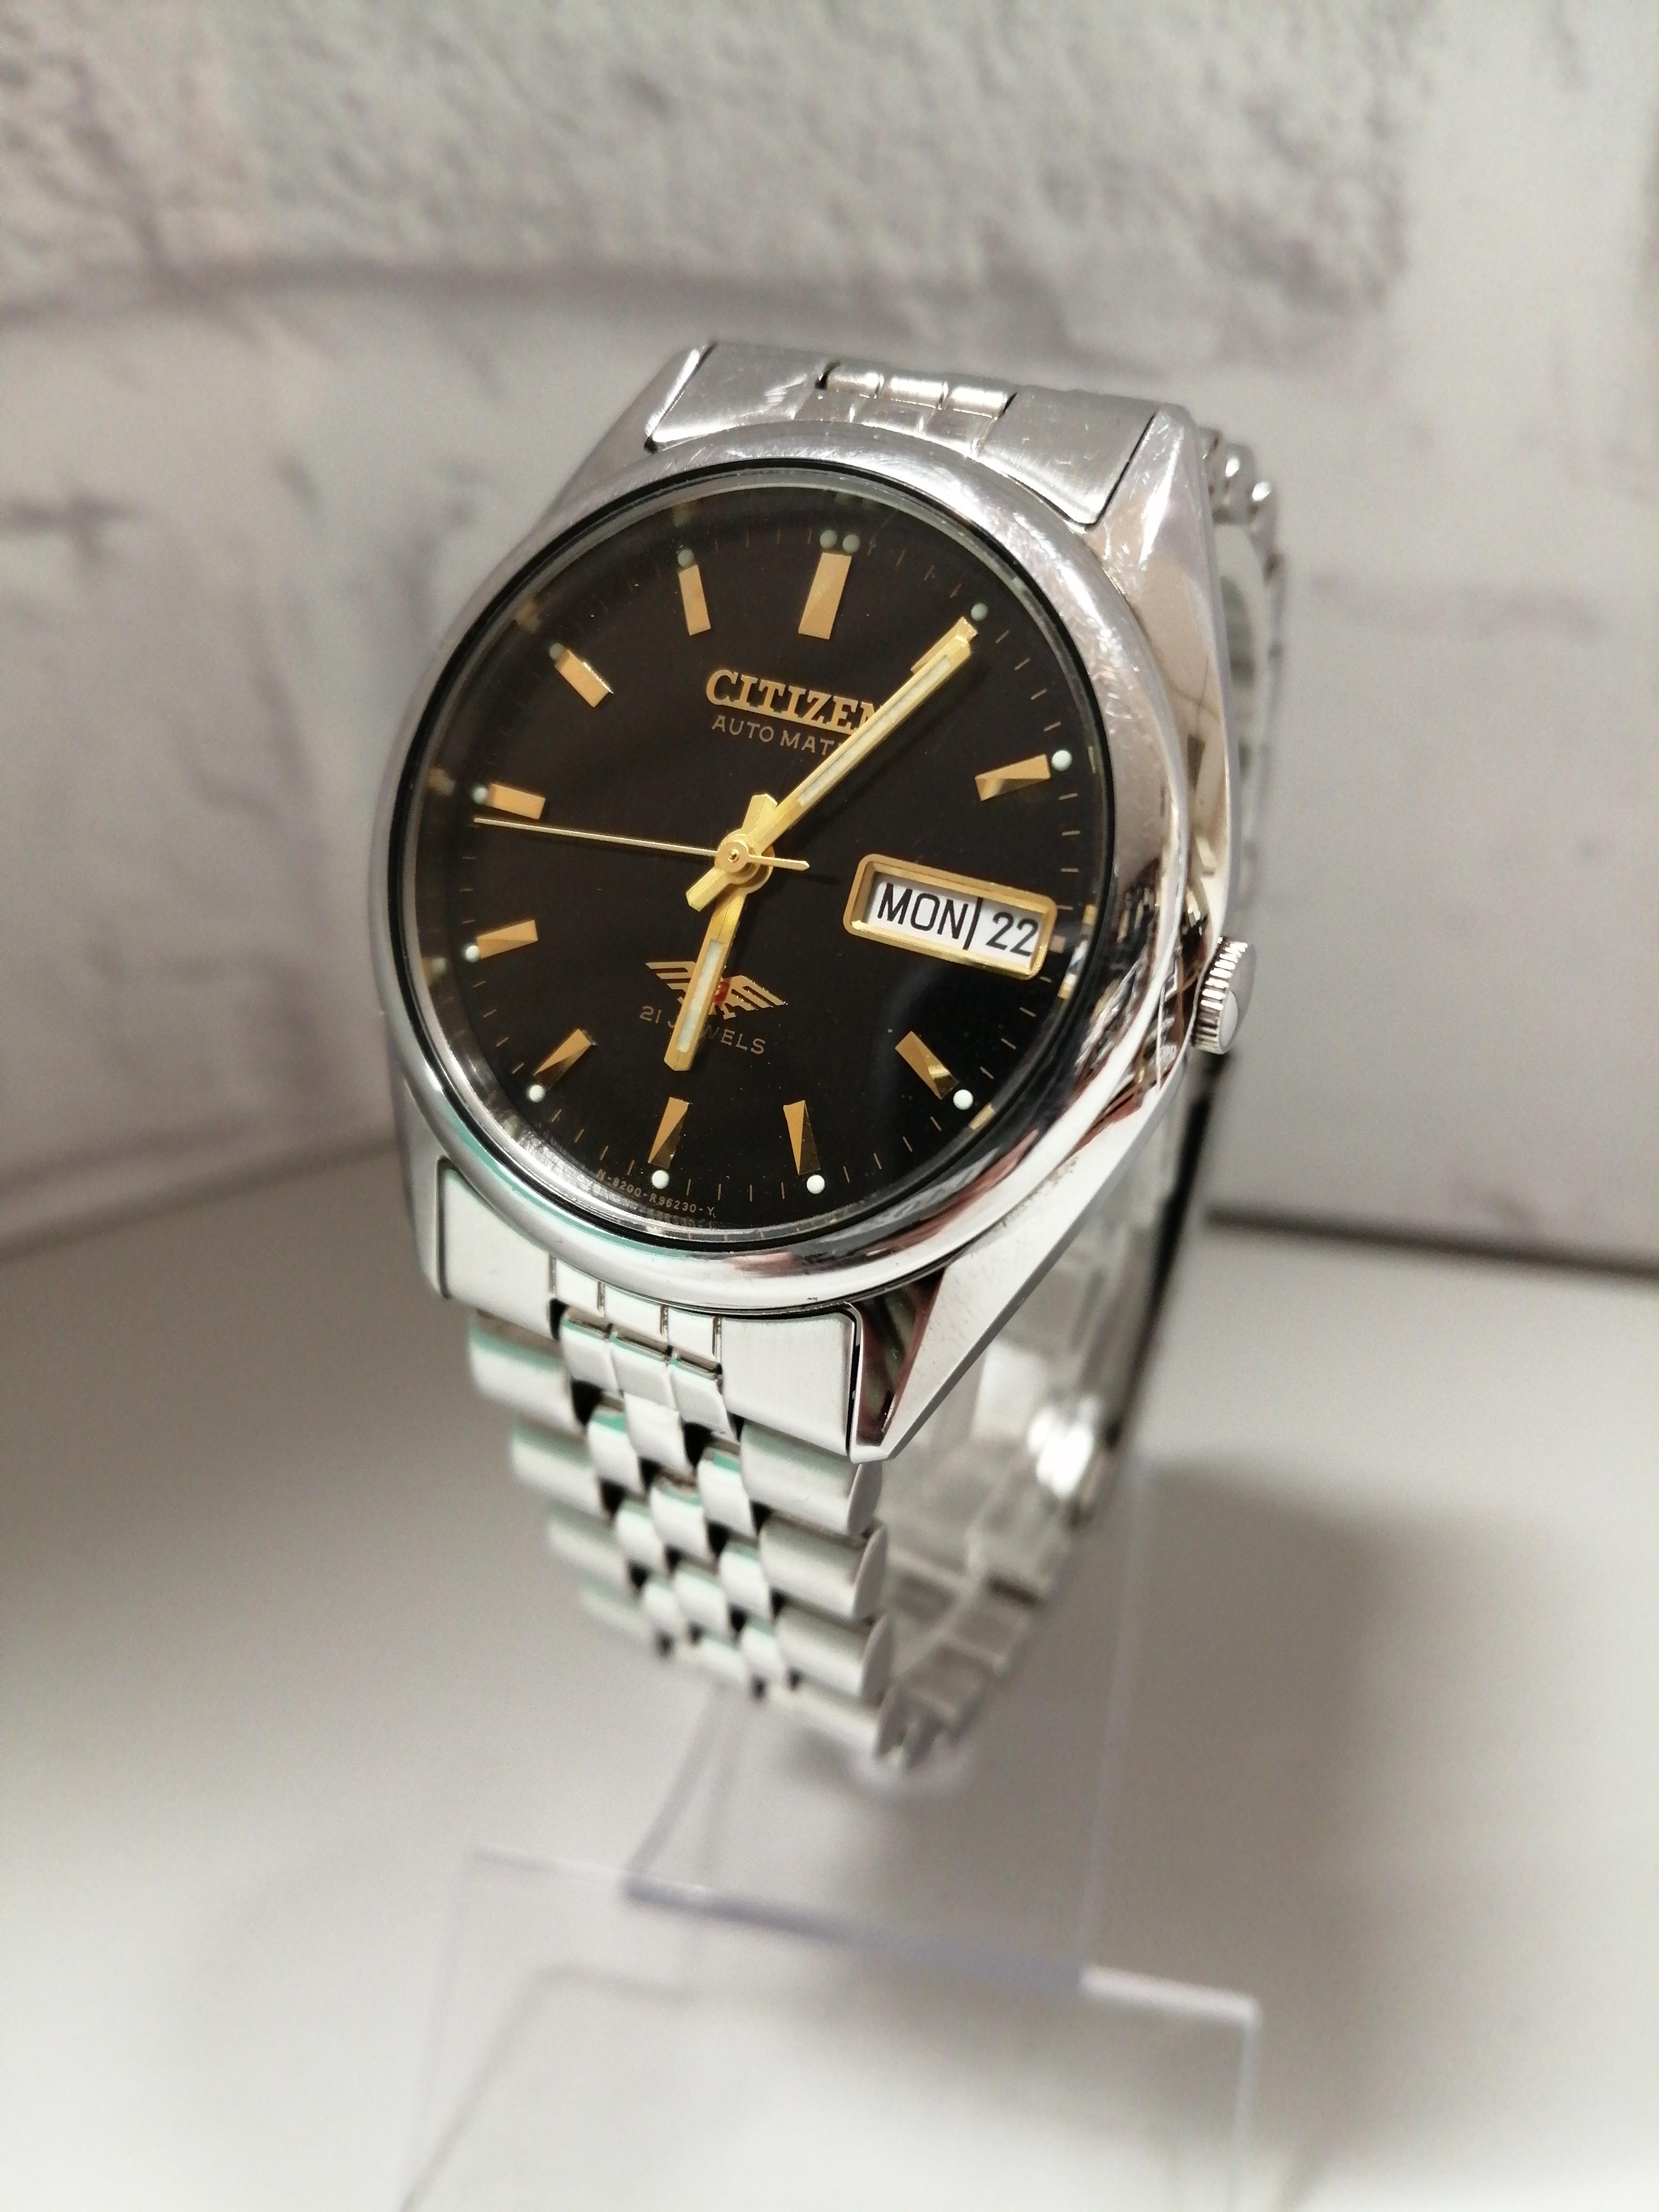 シチズン オートマチック腕時計|CITIZEN